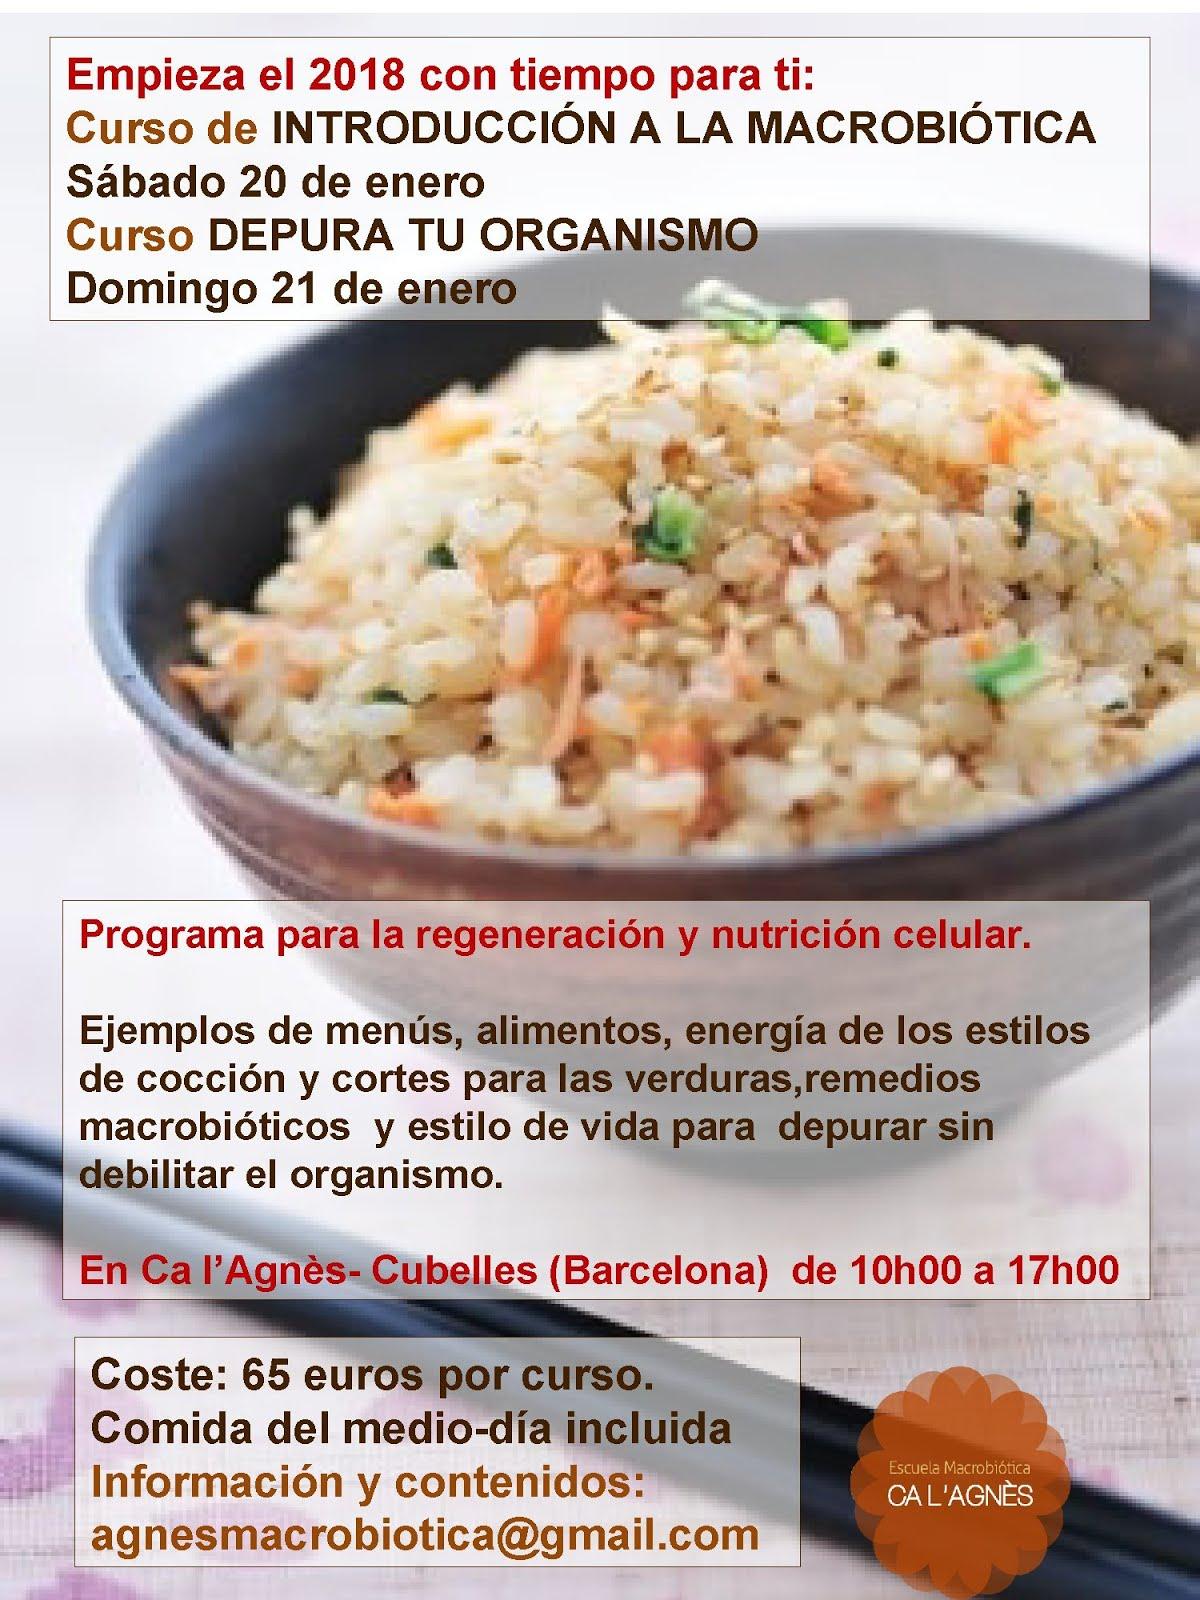 Cursos macrobiótica Enero 2018 en Cubelles (Barcelona)